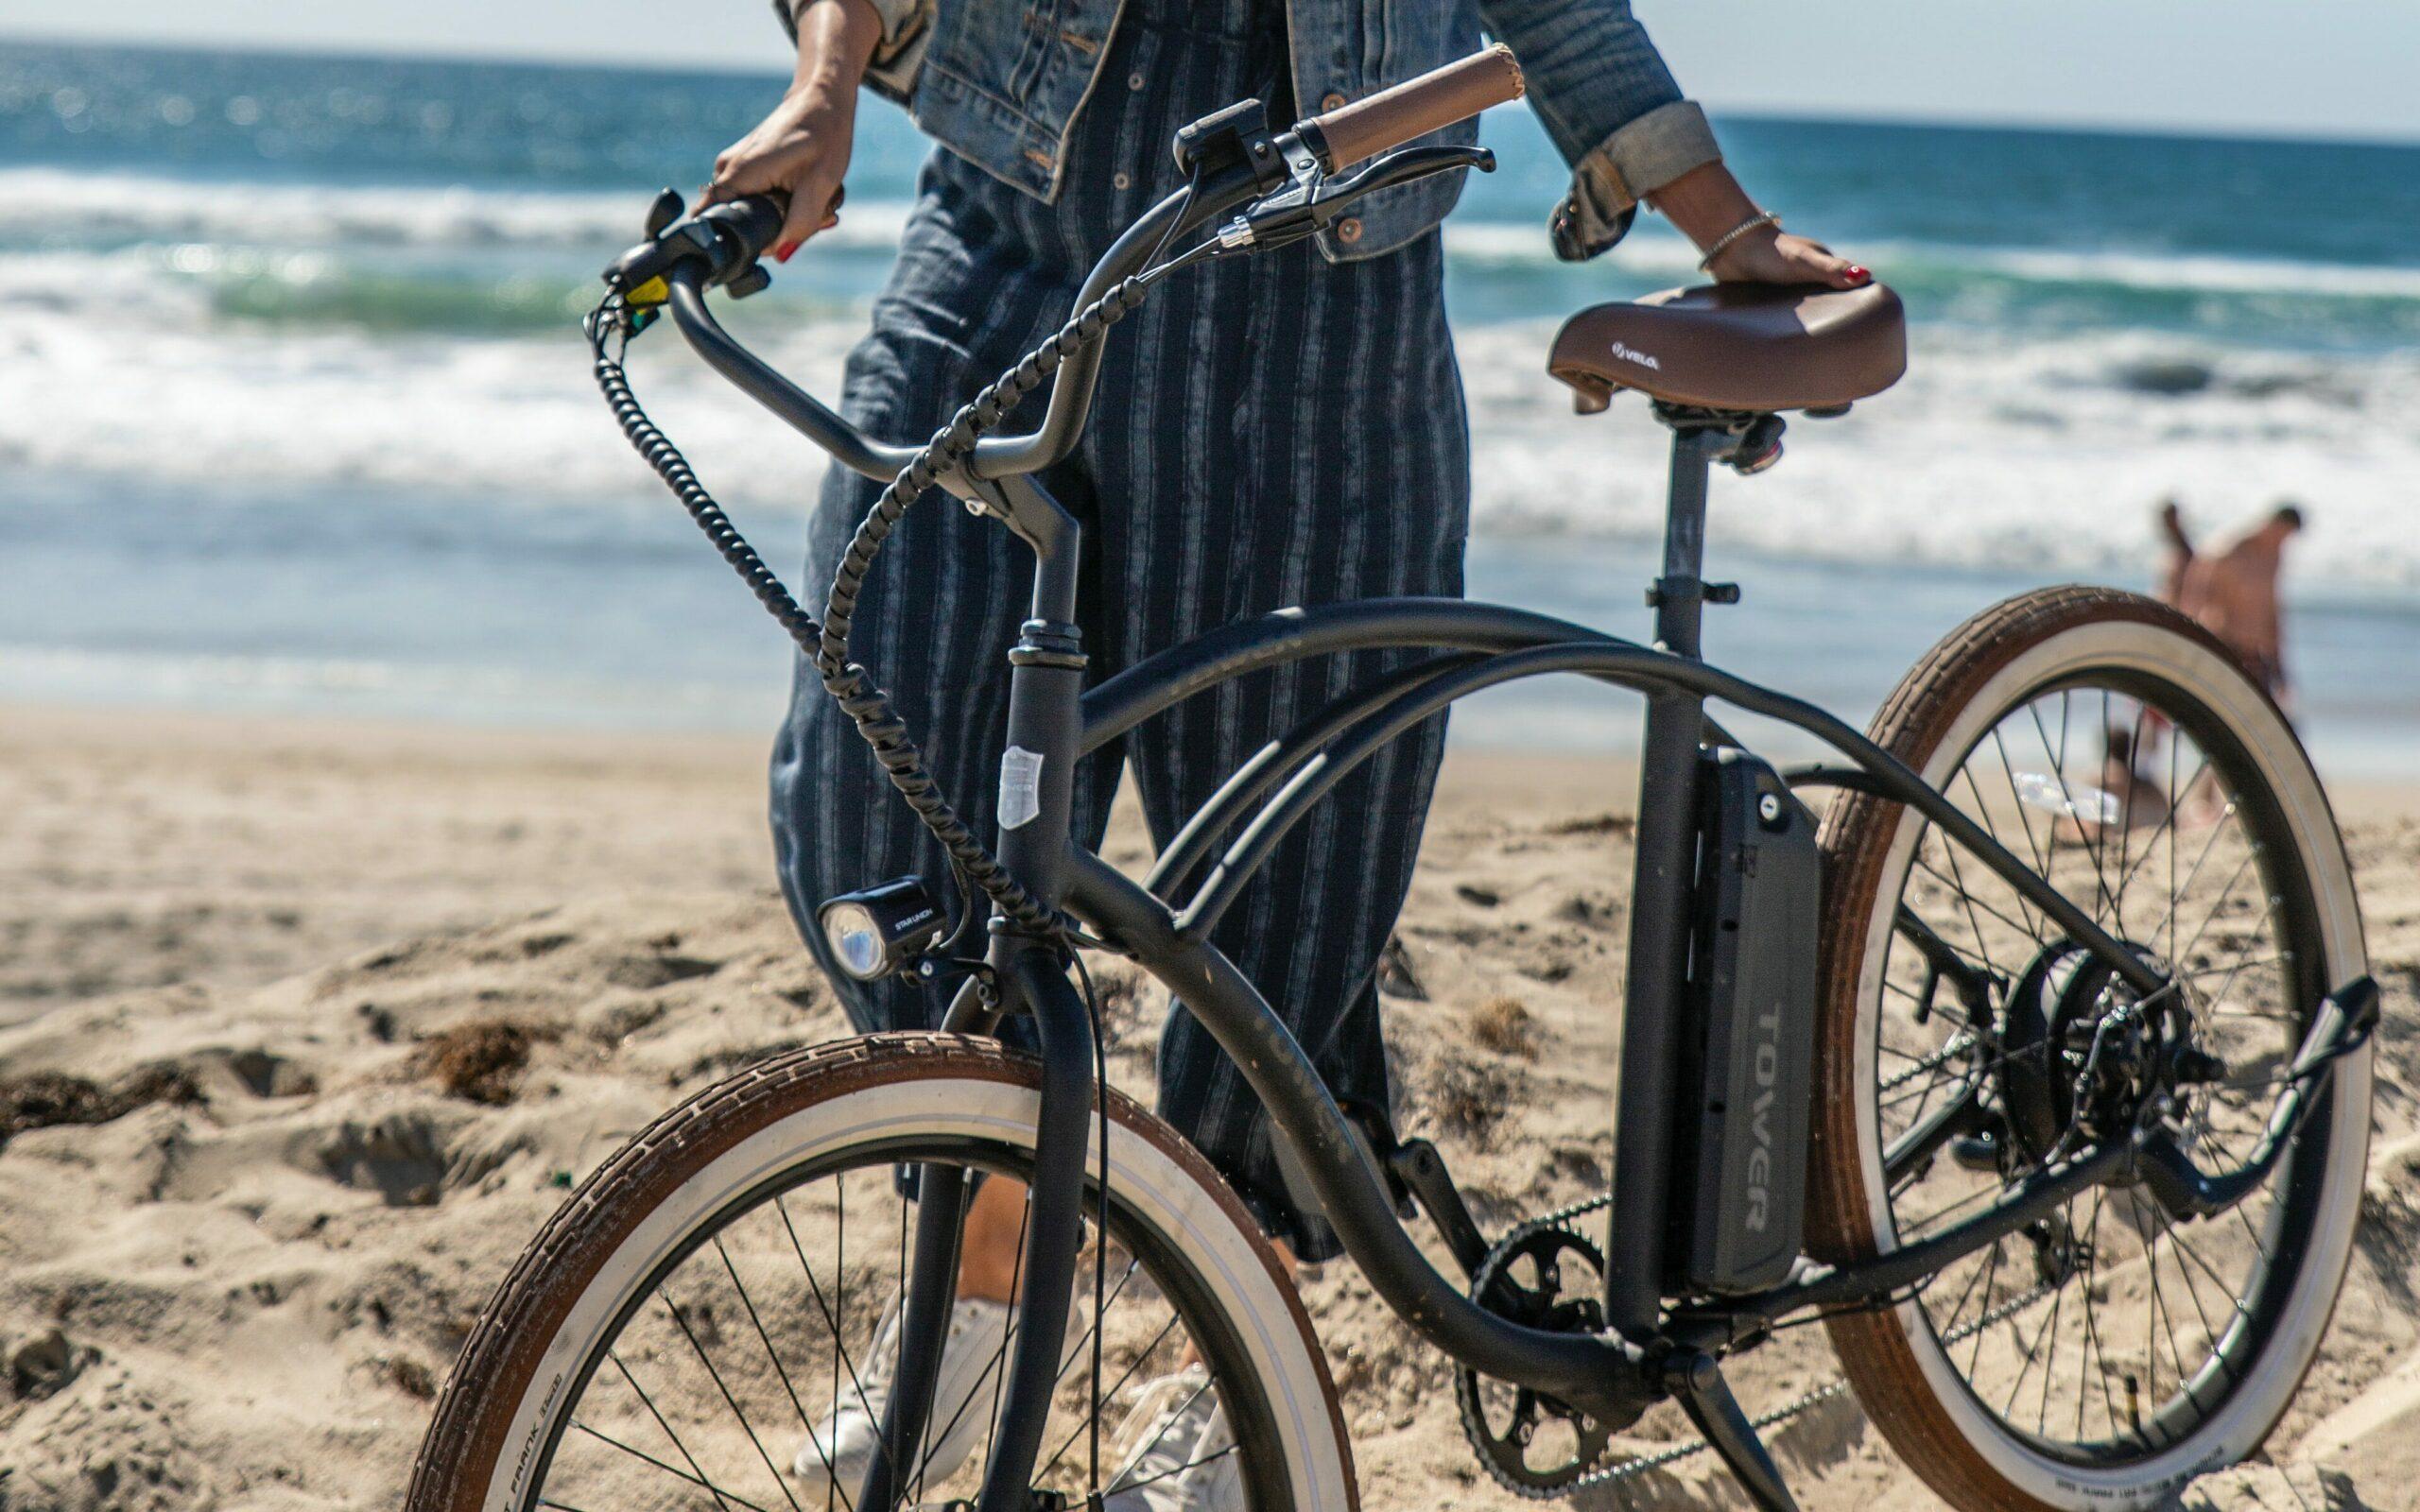 Jente med elsykkel på strand